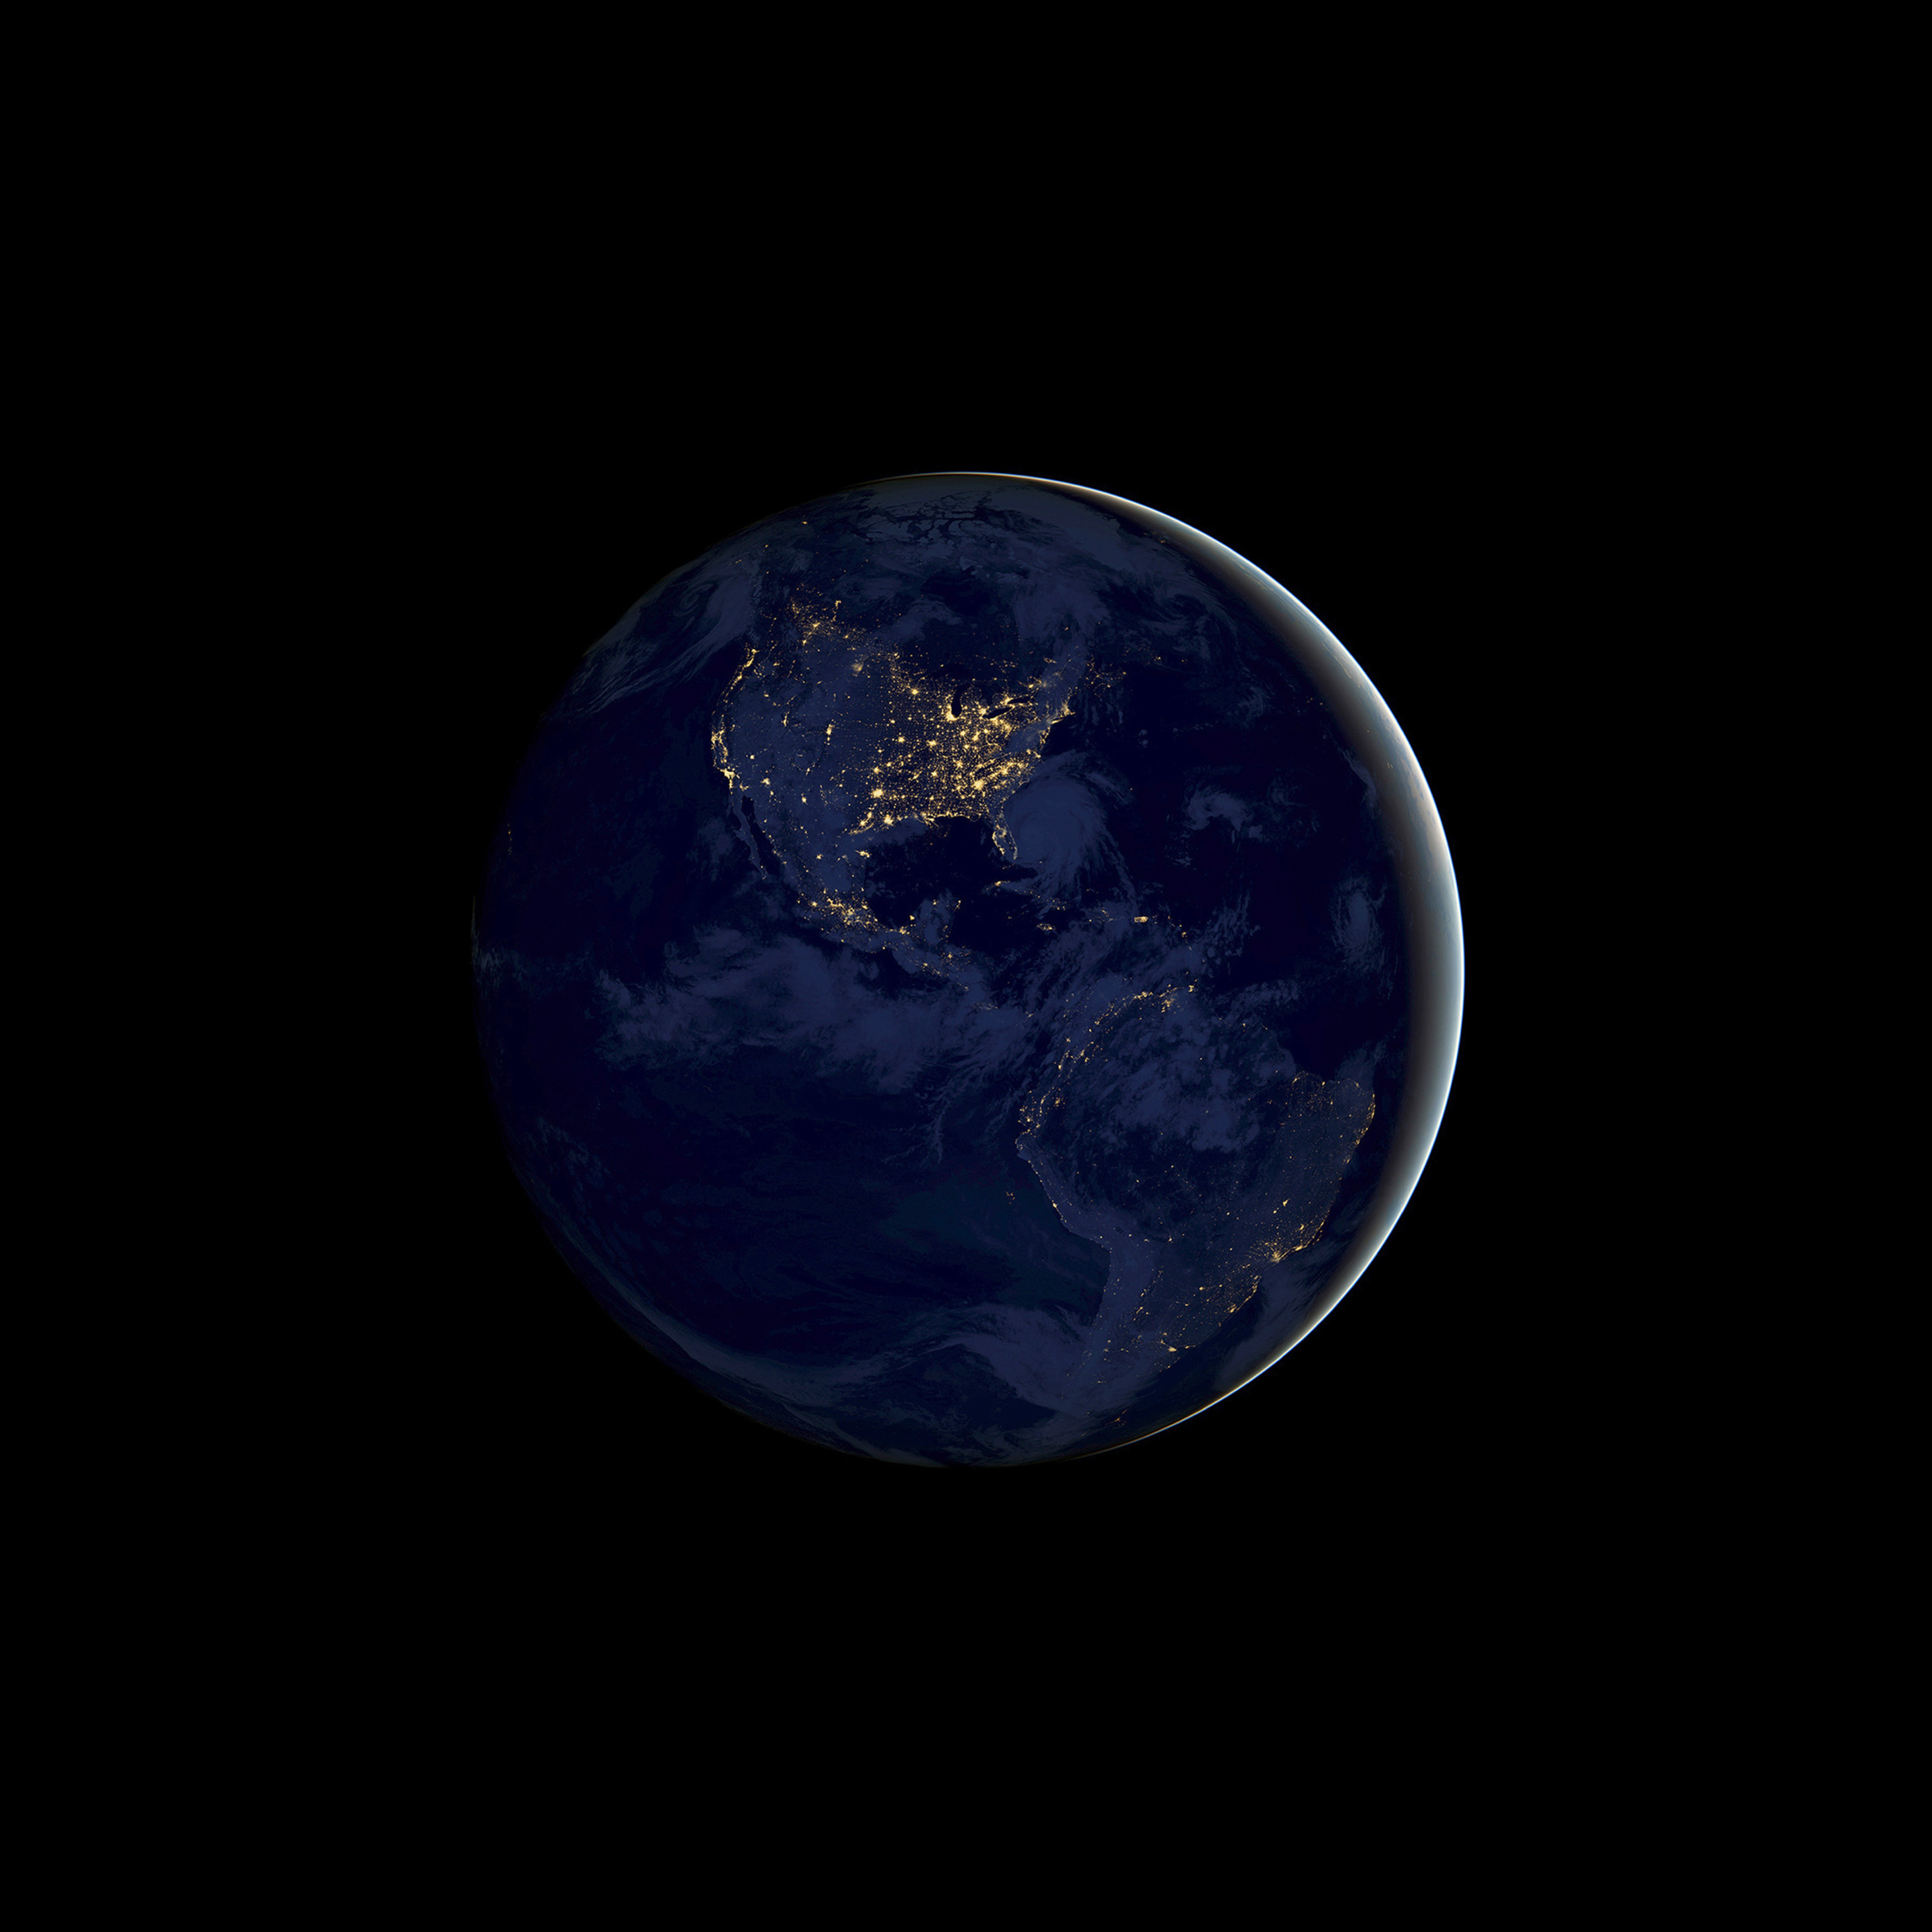 ios-11-earth-night-4k-pe.jpg